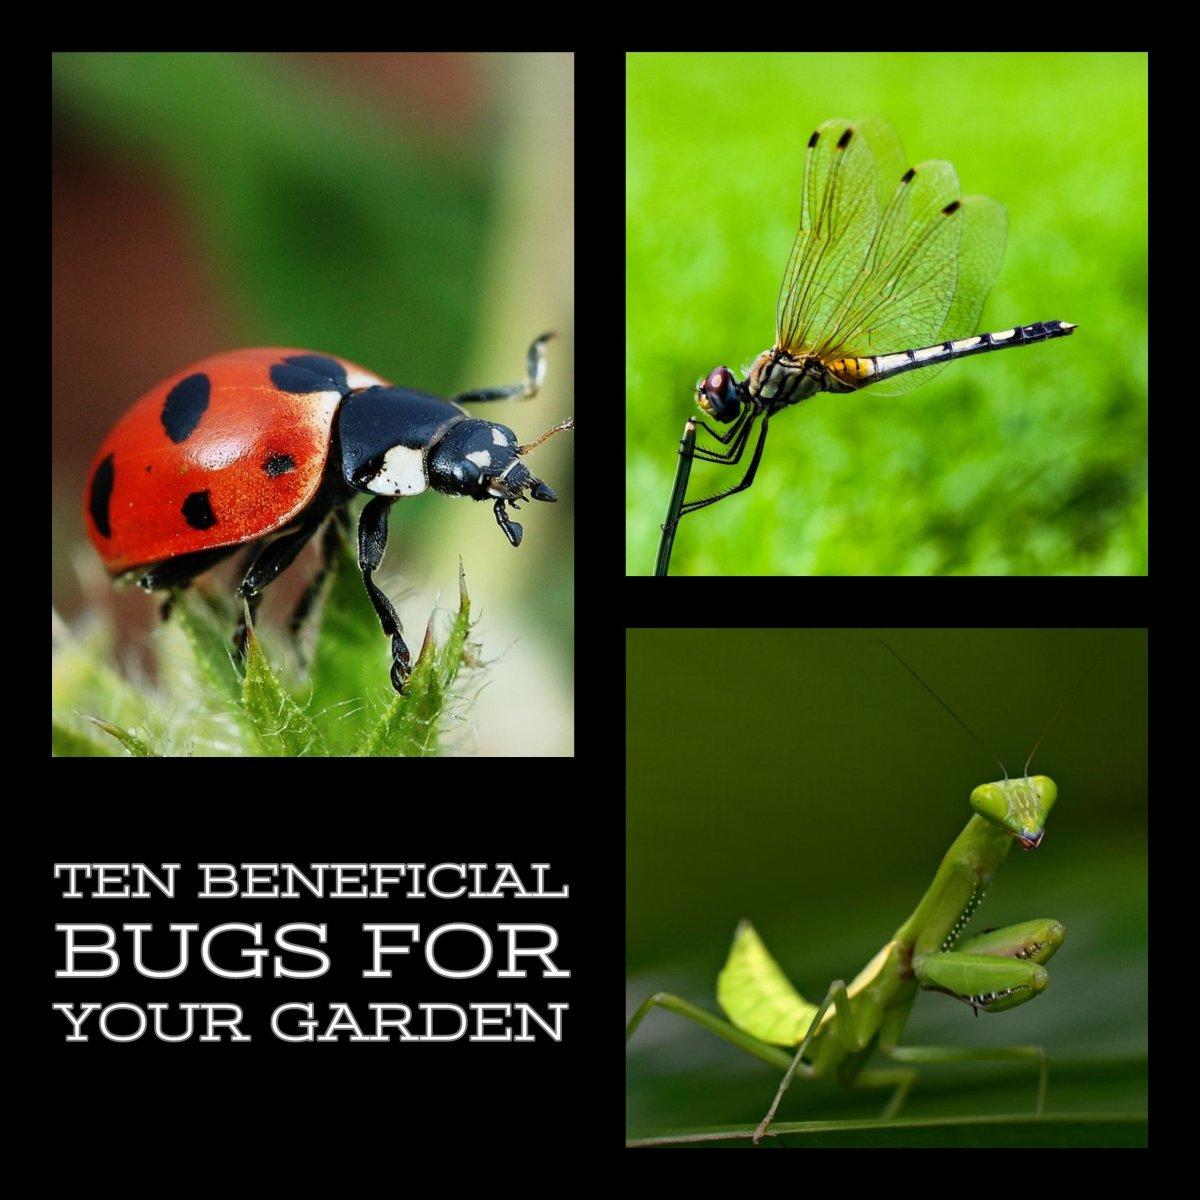 Ten Beneficial Bugs for Your Garden